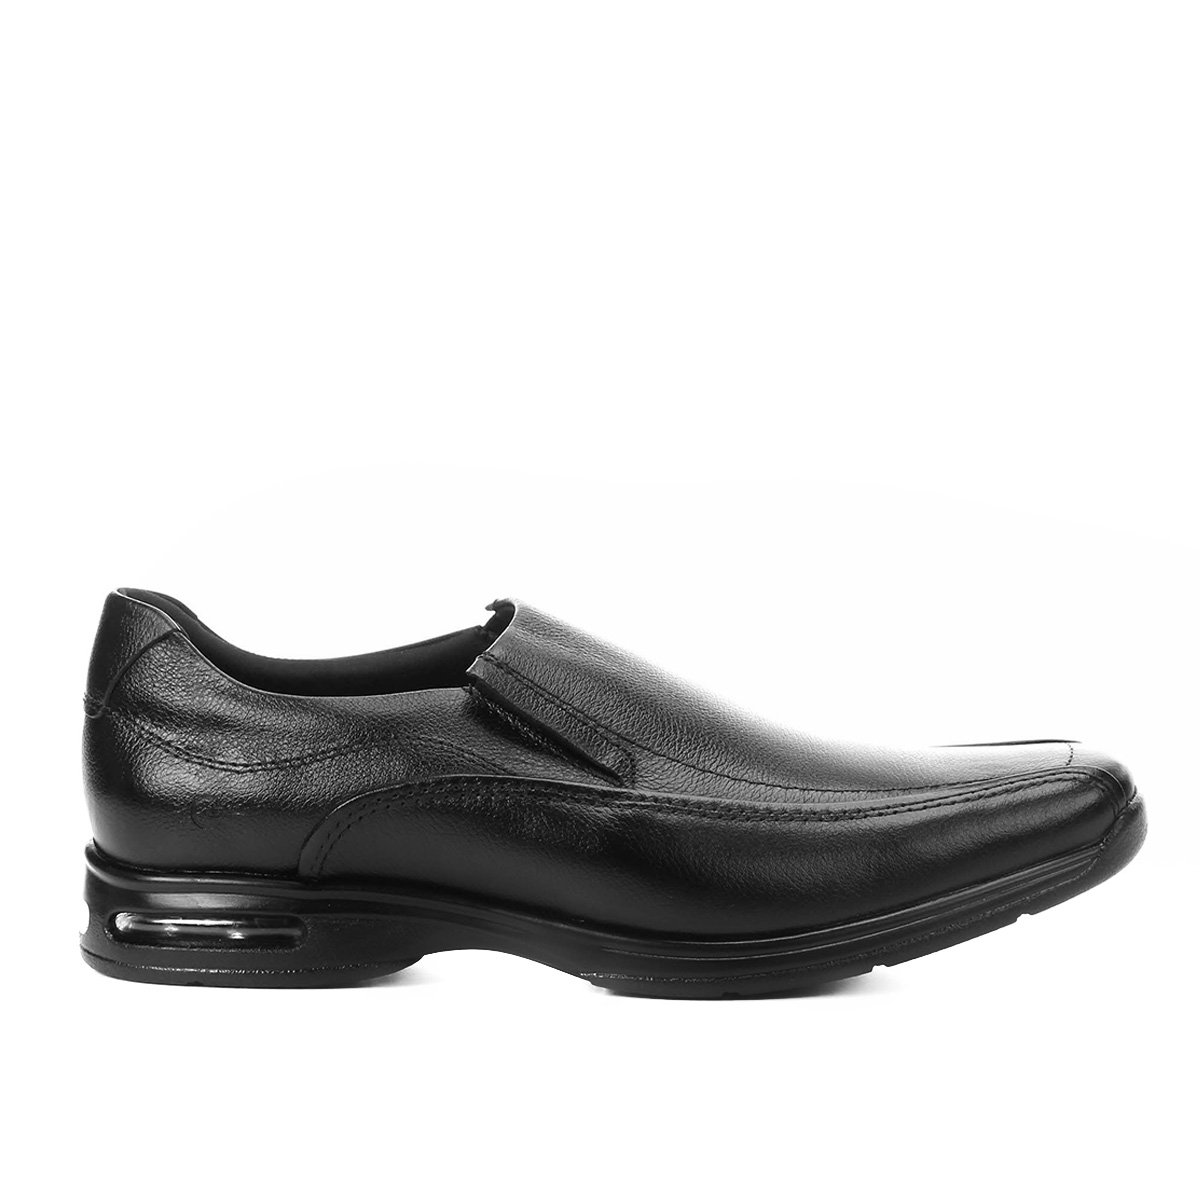 11b0eef34f Sapato Social Democrata Smart Comfort Air Spot Masculino